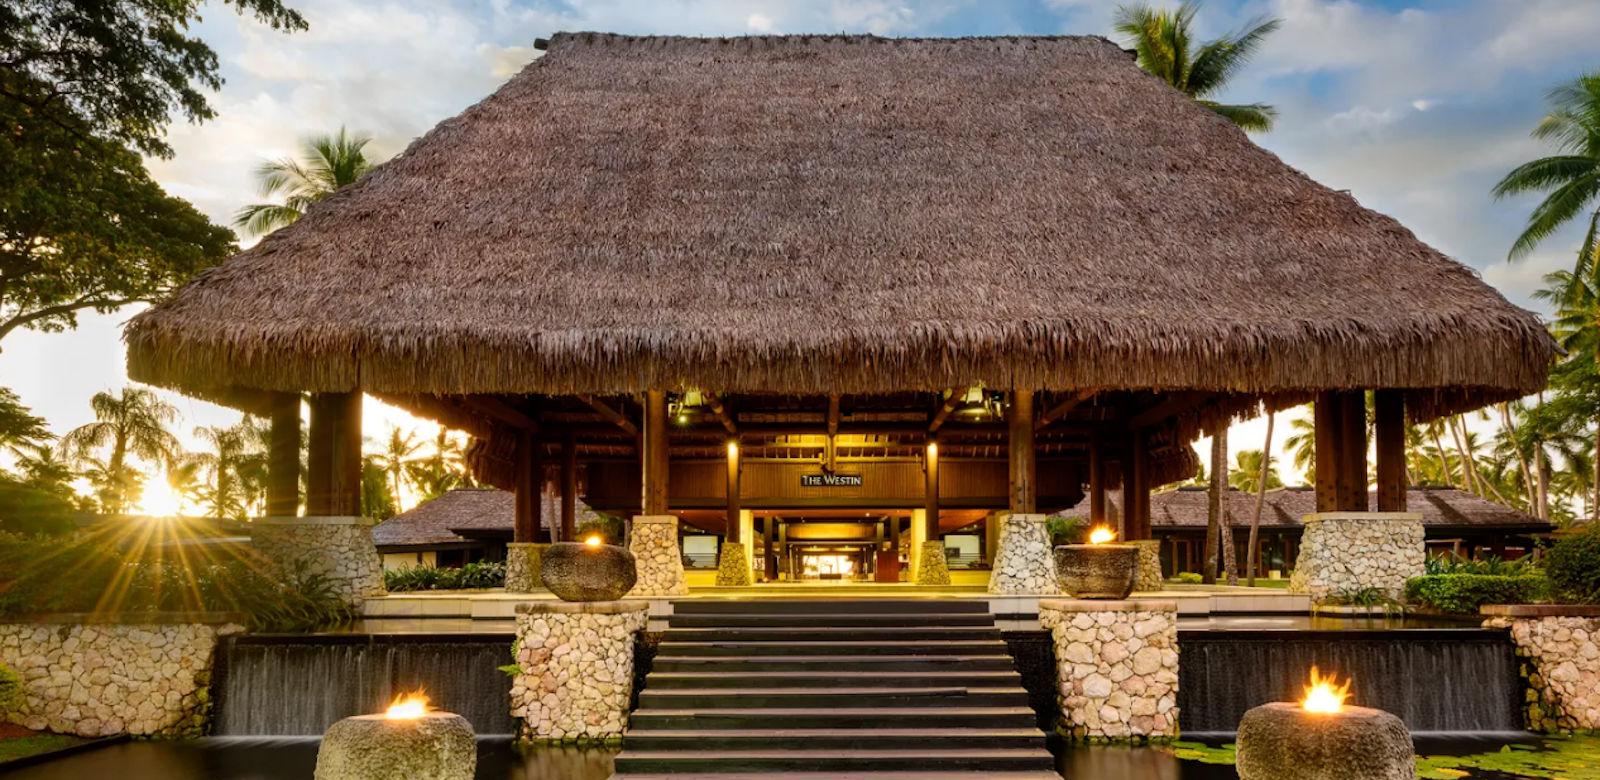 Westin-Fiji